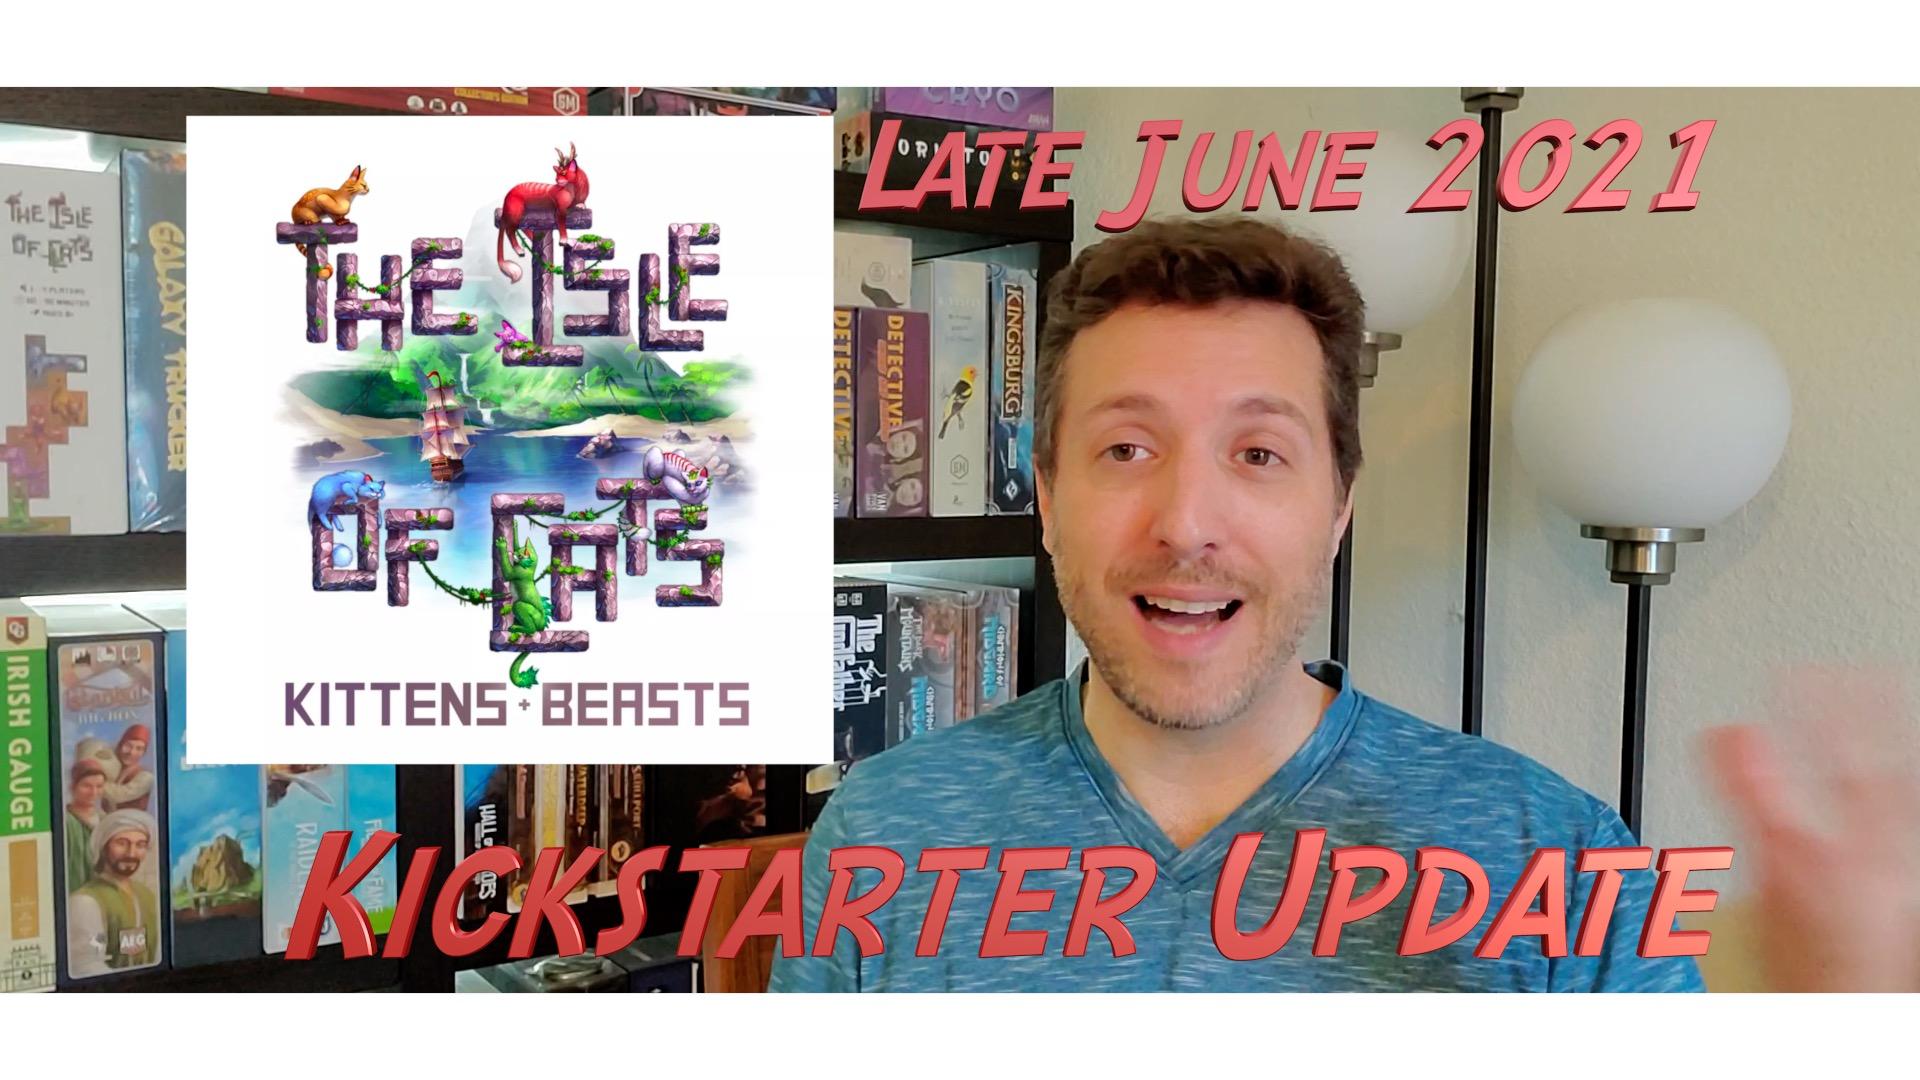 Late June 2021 Kickstarter Update